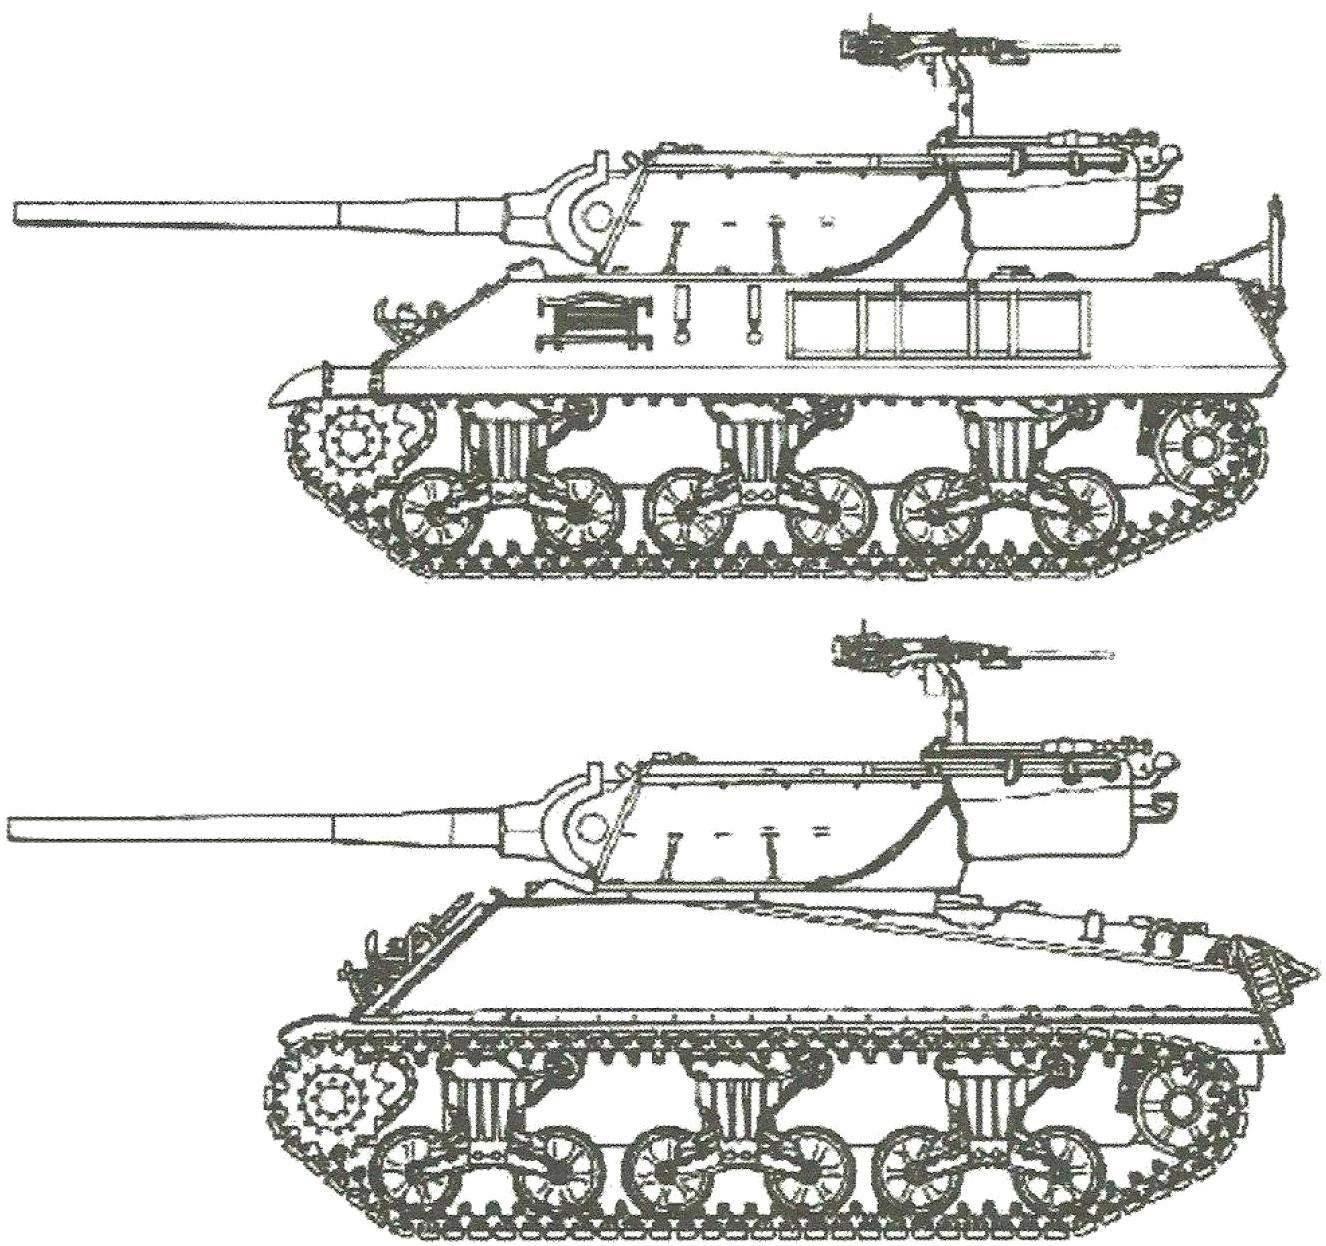 ACS M36 and modification М36В1